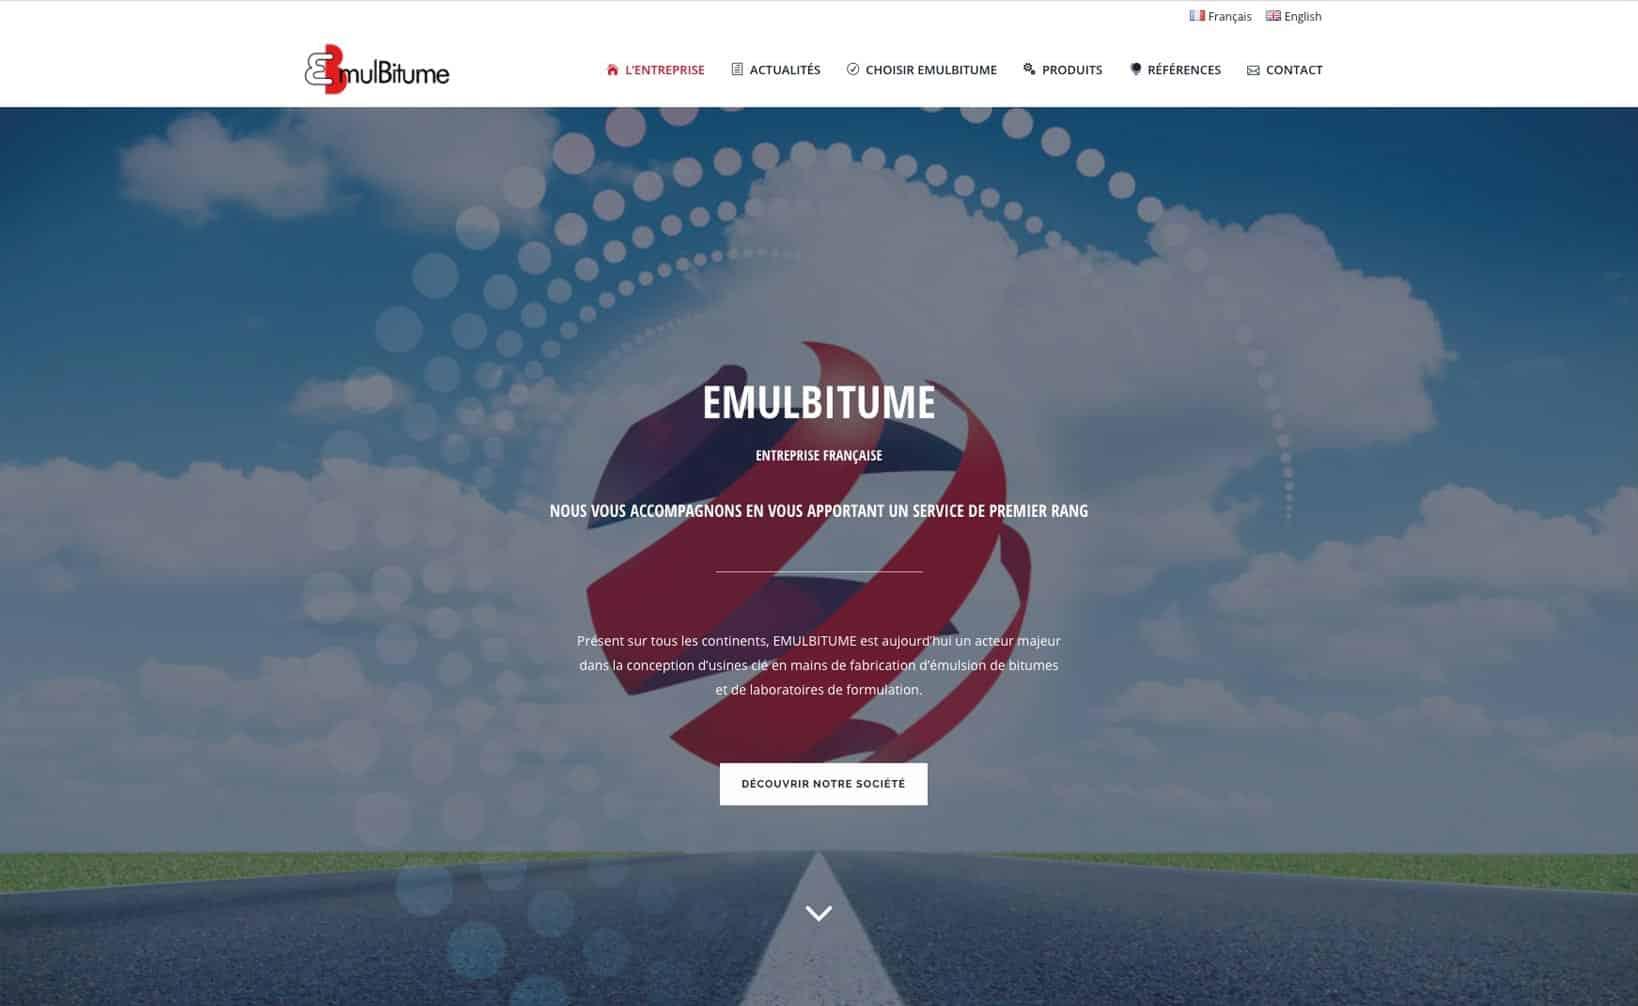 Site web Emulbitume - vue desktop 1